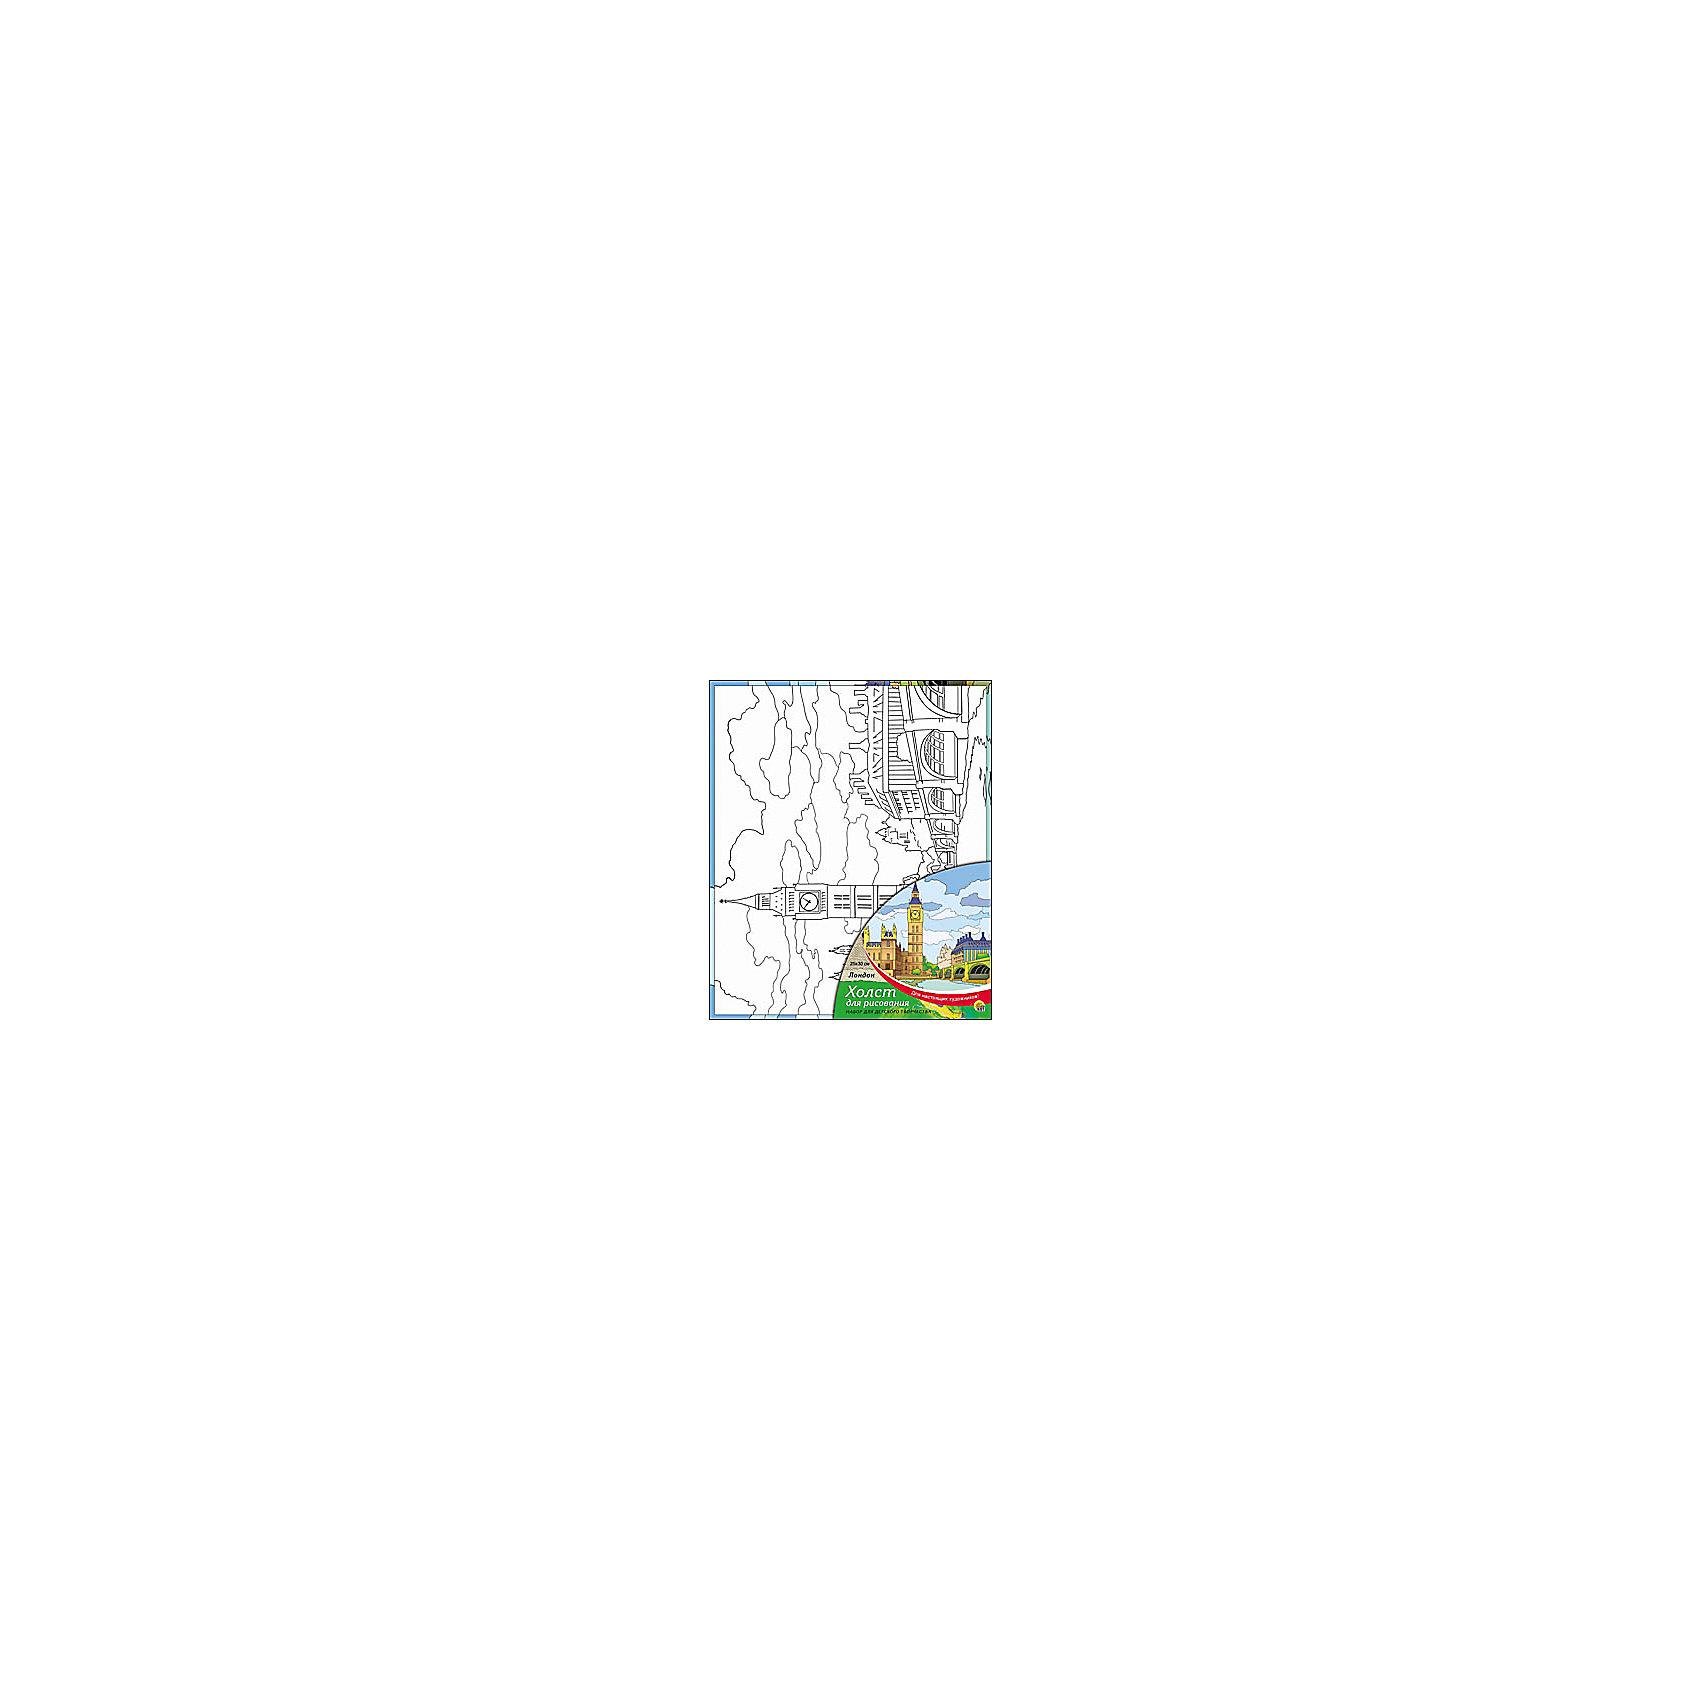 Холст с красками Лондон, 25х30 смРаскраски по номерам<br>Холст с красками Лондон поможет ребенку провести время с пользой и развить художественные навыки. Яркими красками он с удовольствием раскрасит эскиз на холсте и с гордостью сможет похвастаться родителям и друзьям!<br><br>Дополнительная информация:<br>В наборе: холст-эскиз, 7 акриловых красок, кисточка<br>Размер: 25х1,5х30 см<br>Вес: 250 грамм<br>Вы можете приобрести холст с красками Лондон в нашем интернет-магазине.<br><br>Ширина мм: 300<br>Глубина мм: 15<br>Высота мм: 250<br>Вес г: 250<br>Возраст от месяцев: 36<br>Возраст до месяцев: 120<br>Пол: Унисекс<br>Возраст: Детский<br>SKU: 4939540